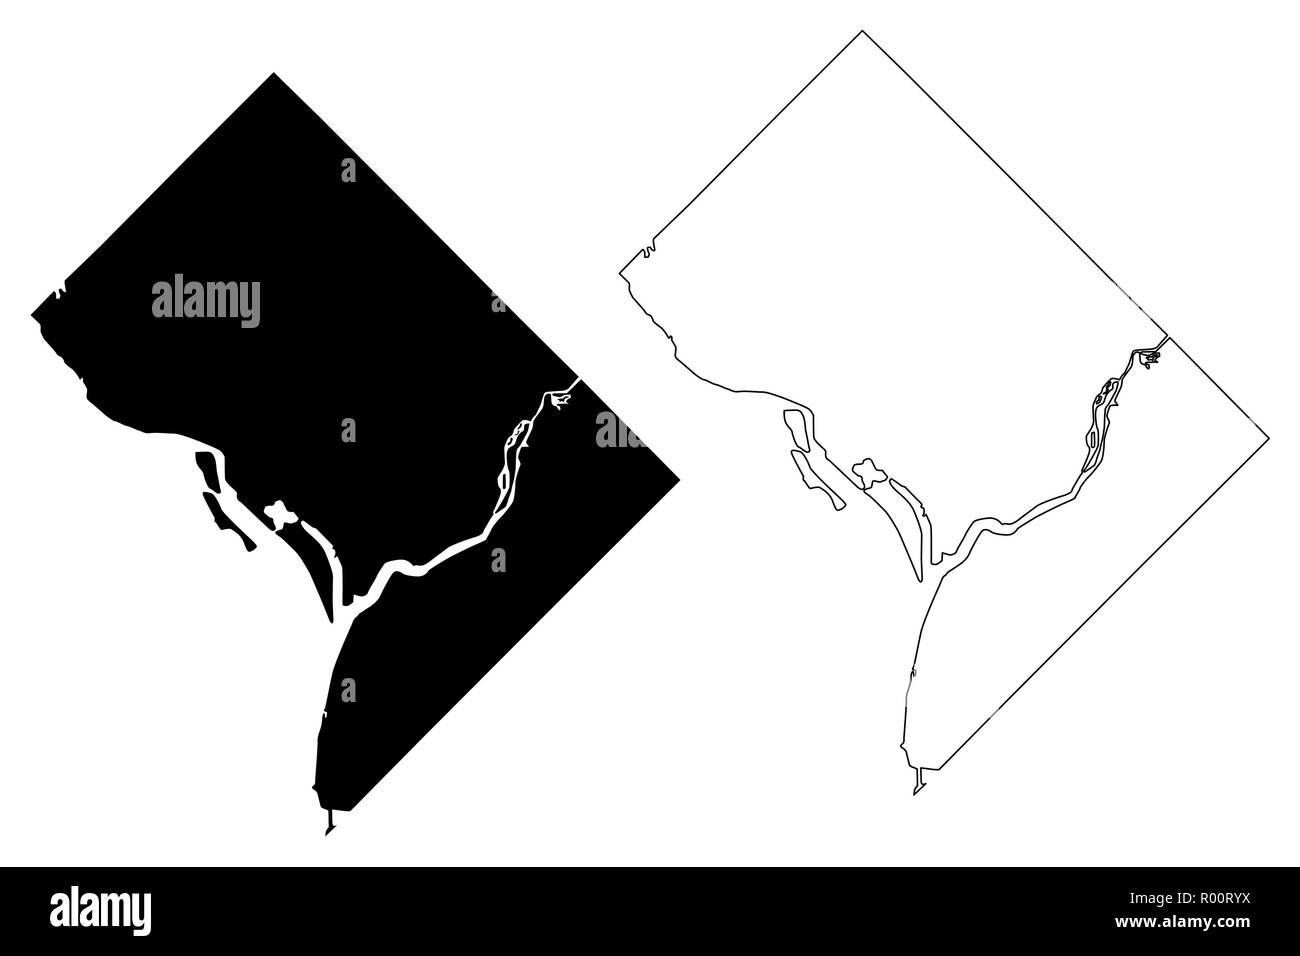 Map Of United States Washington Dc.Washington City United States Cities United States Of America